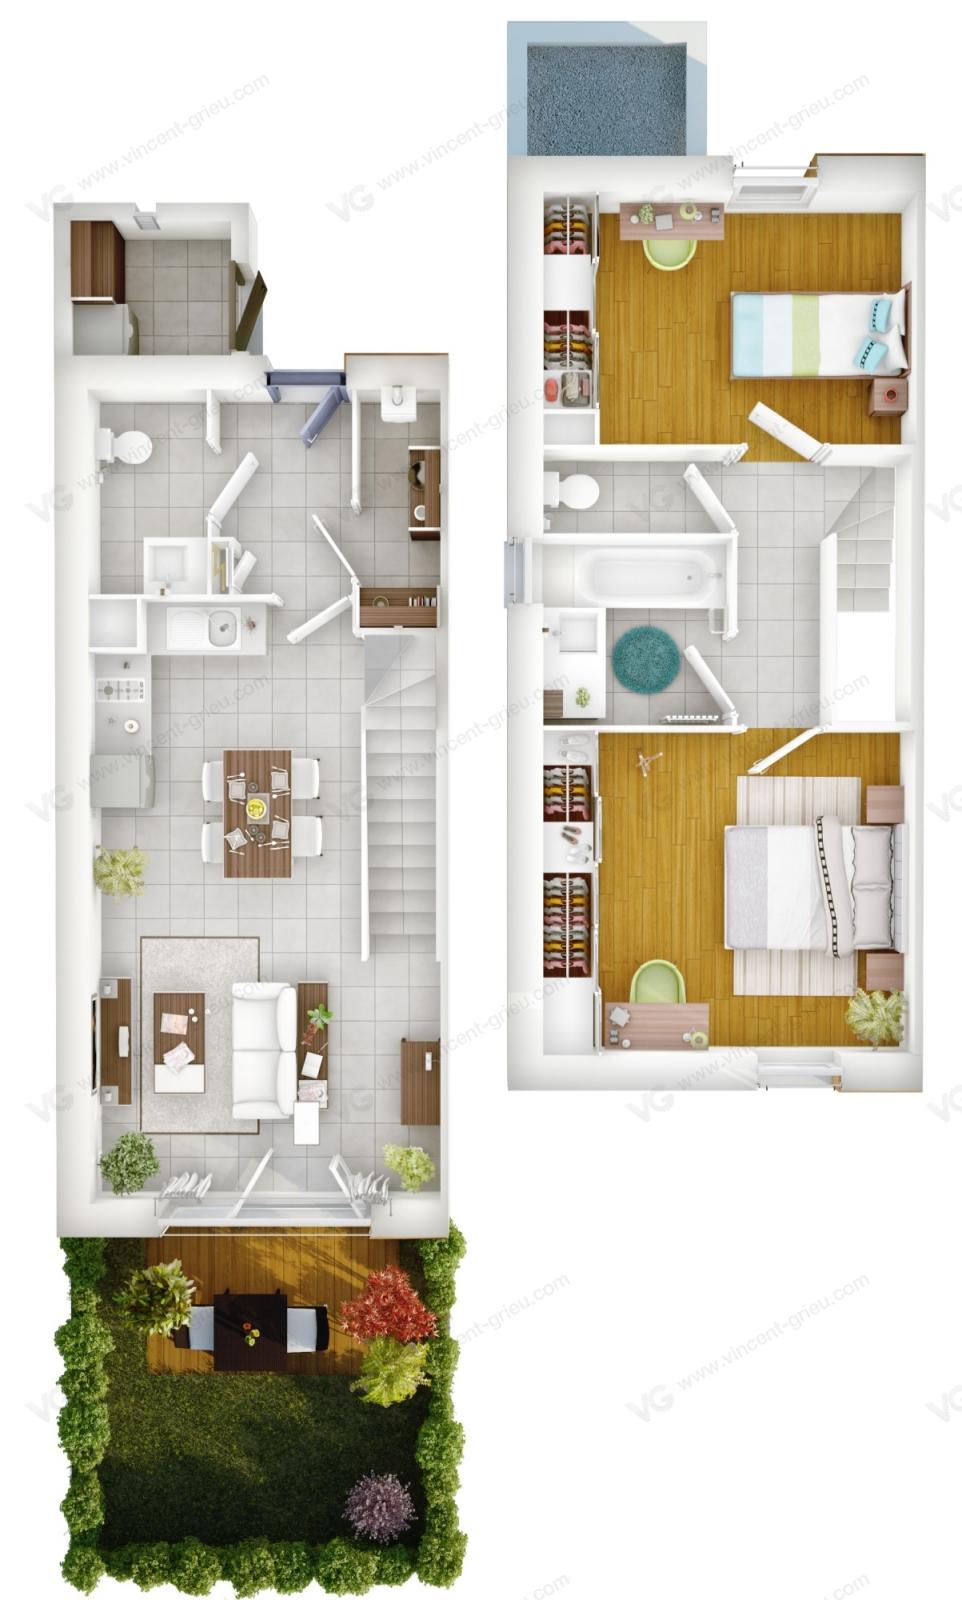 Maisons de retraite en infographie 3d vincent grieu for Appartement maison de retraite